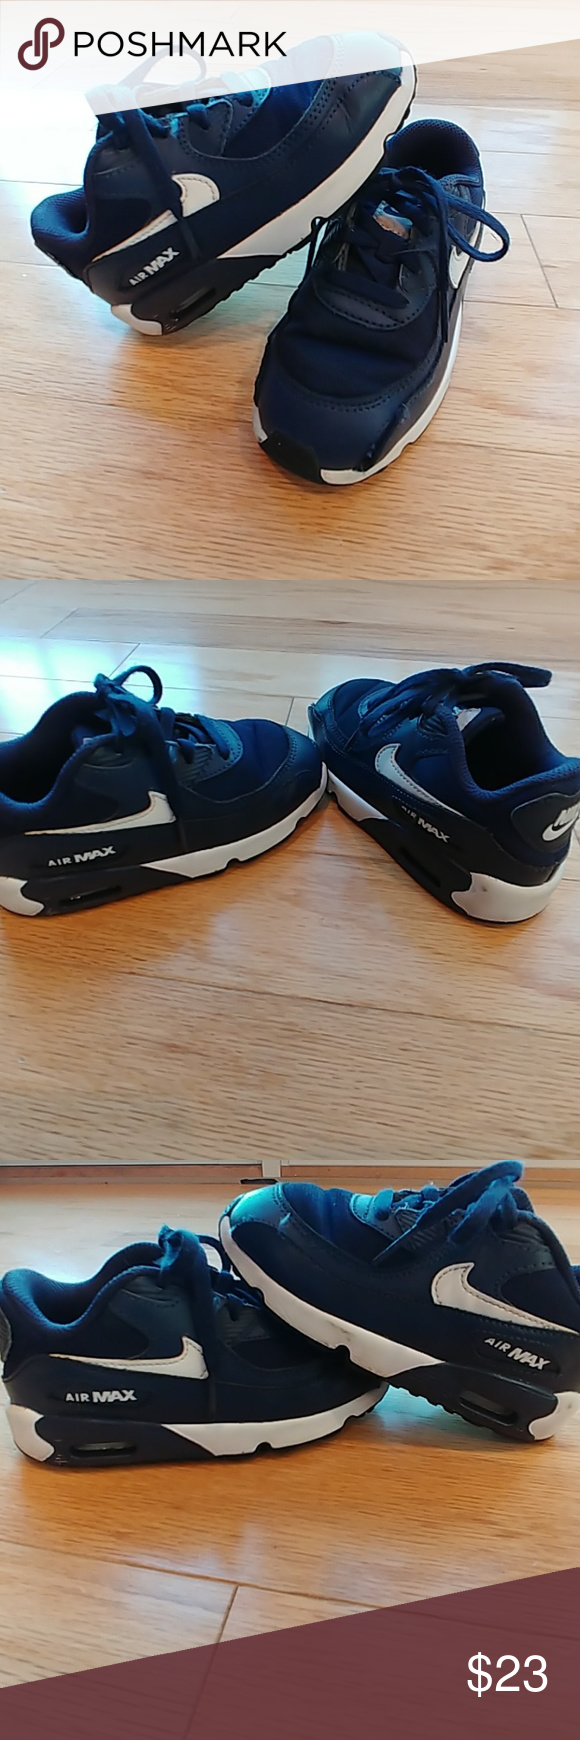 Nike air max, Nike free shoes, Boys nike